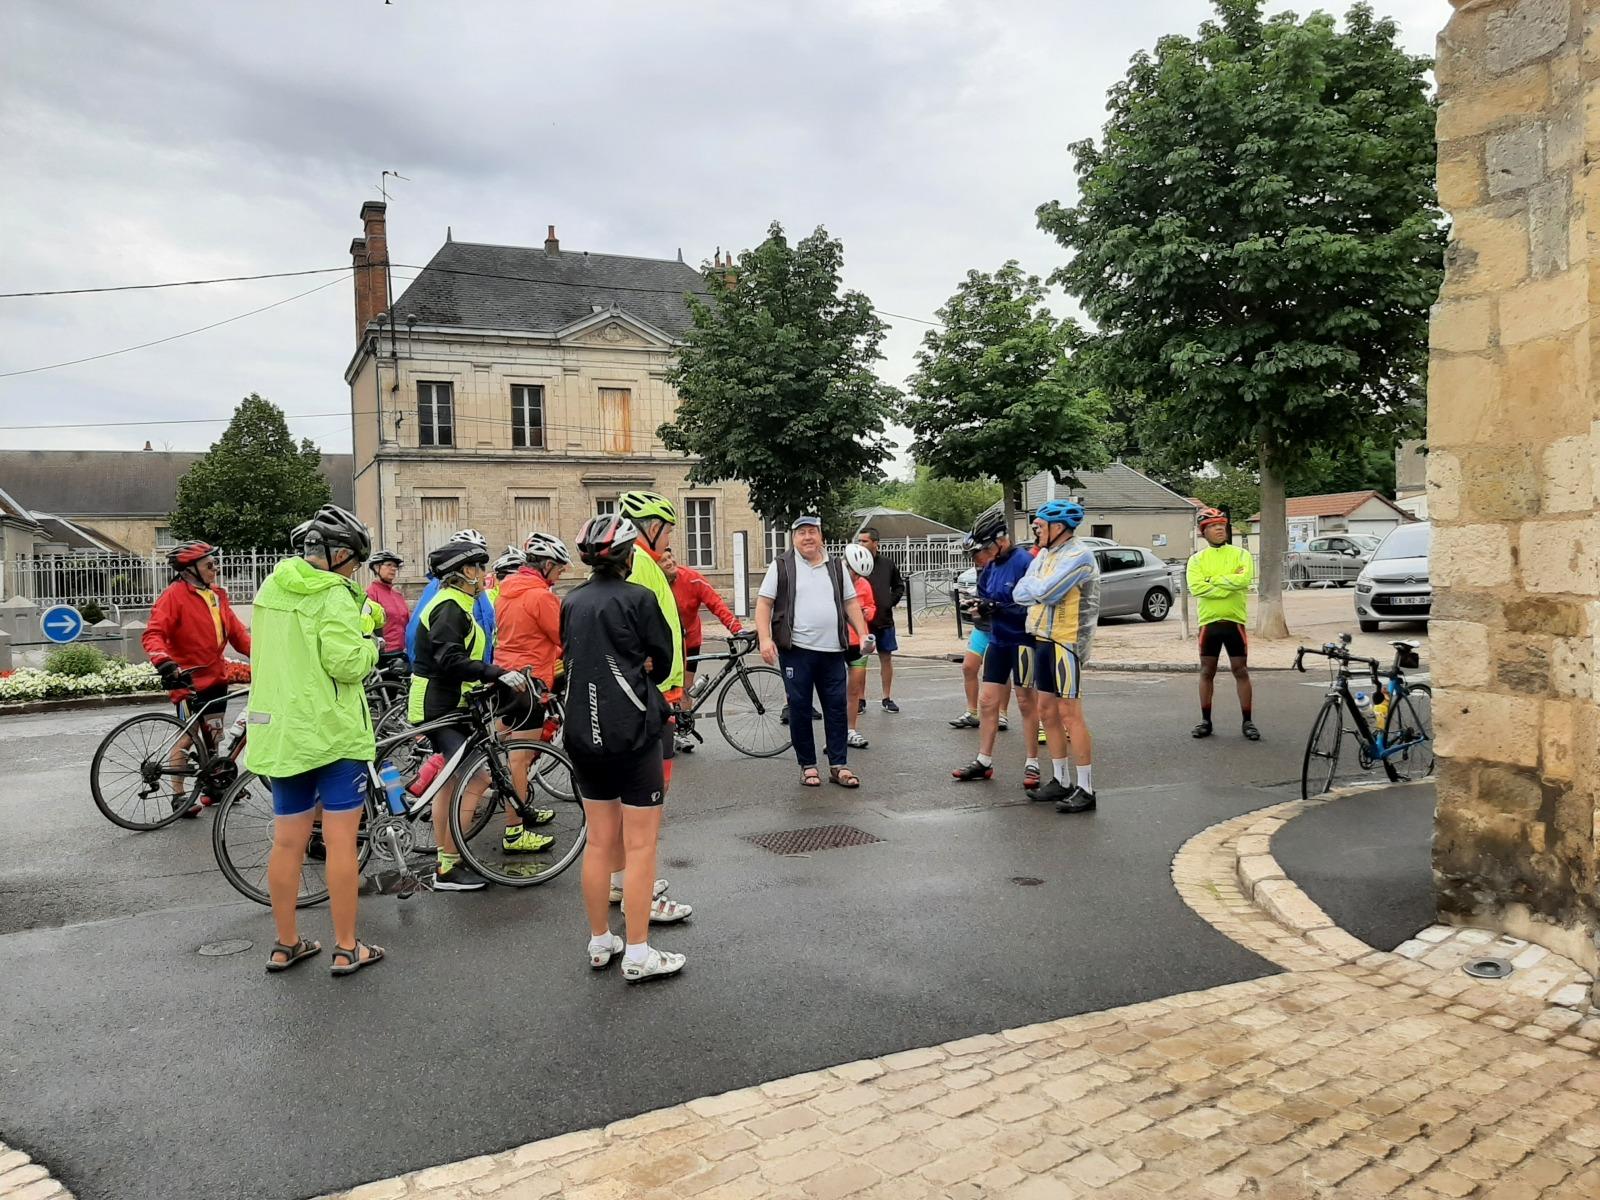 20210703_112501-Alain-devoile-lepisode-de-la-bataille-de-Jargeau